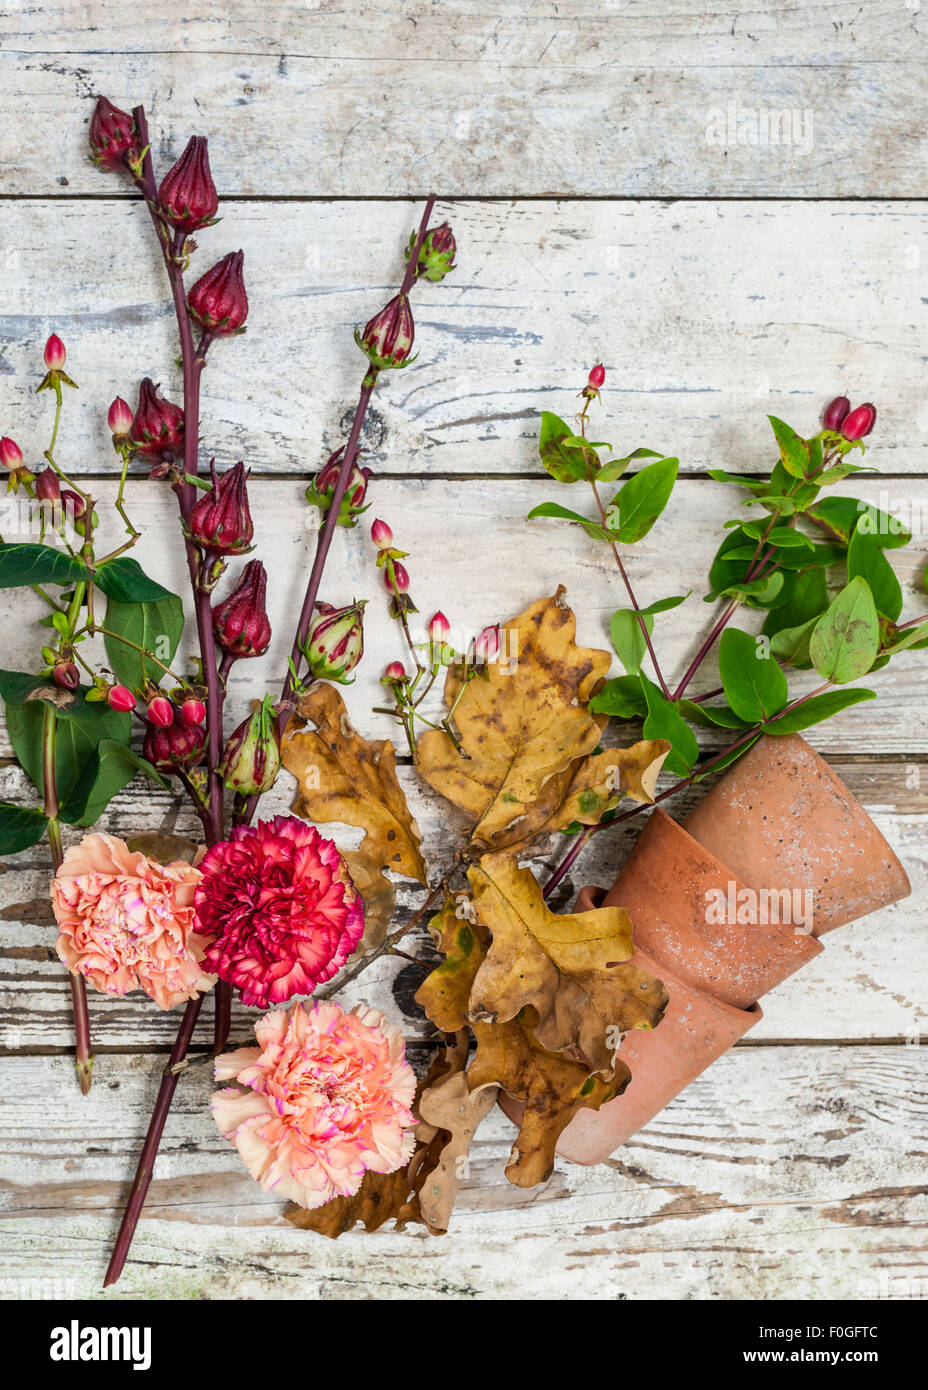 Autunno fiori e frutti di bosco su una superficie rustico Immagini Stock